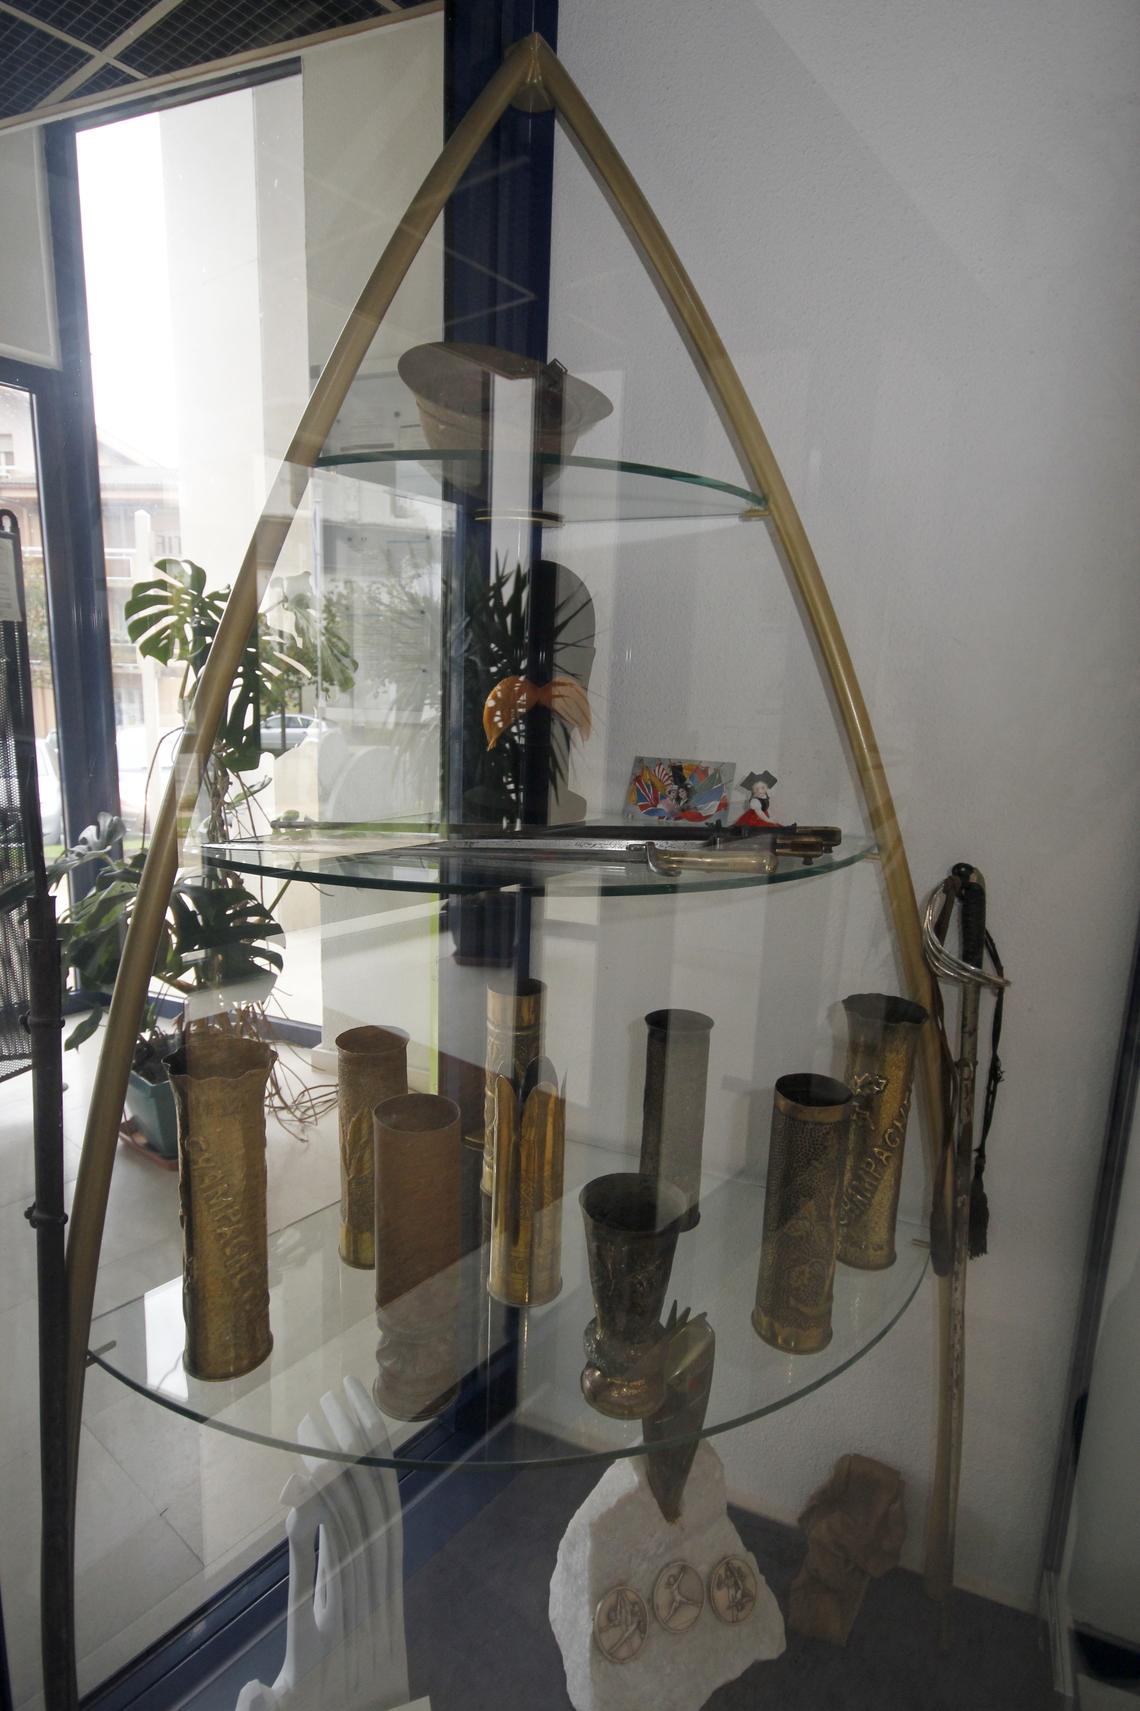 Les poilus créent de véritables ateliers dans lesquels ils transforment obus, balles ou grenades en objets du quotidien. Ici, des obus gravés, martelés deviennent des vases qui devraient recevoir les fleurs de la paix.